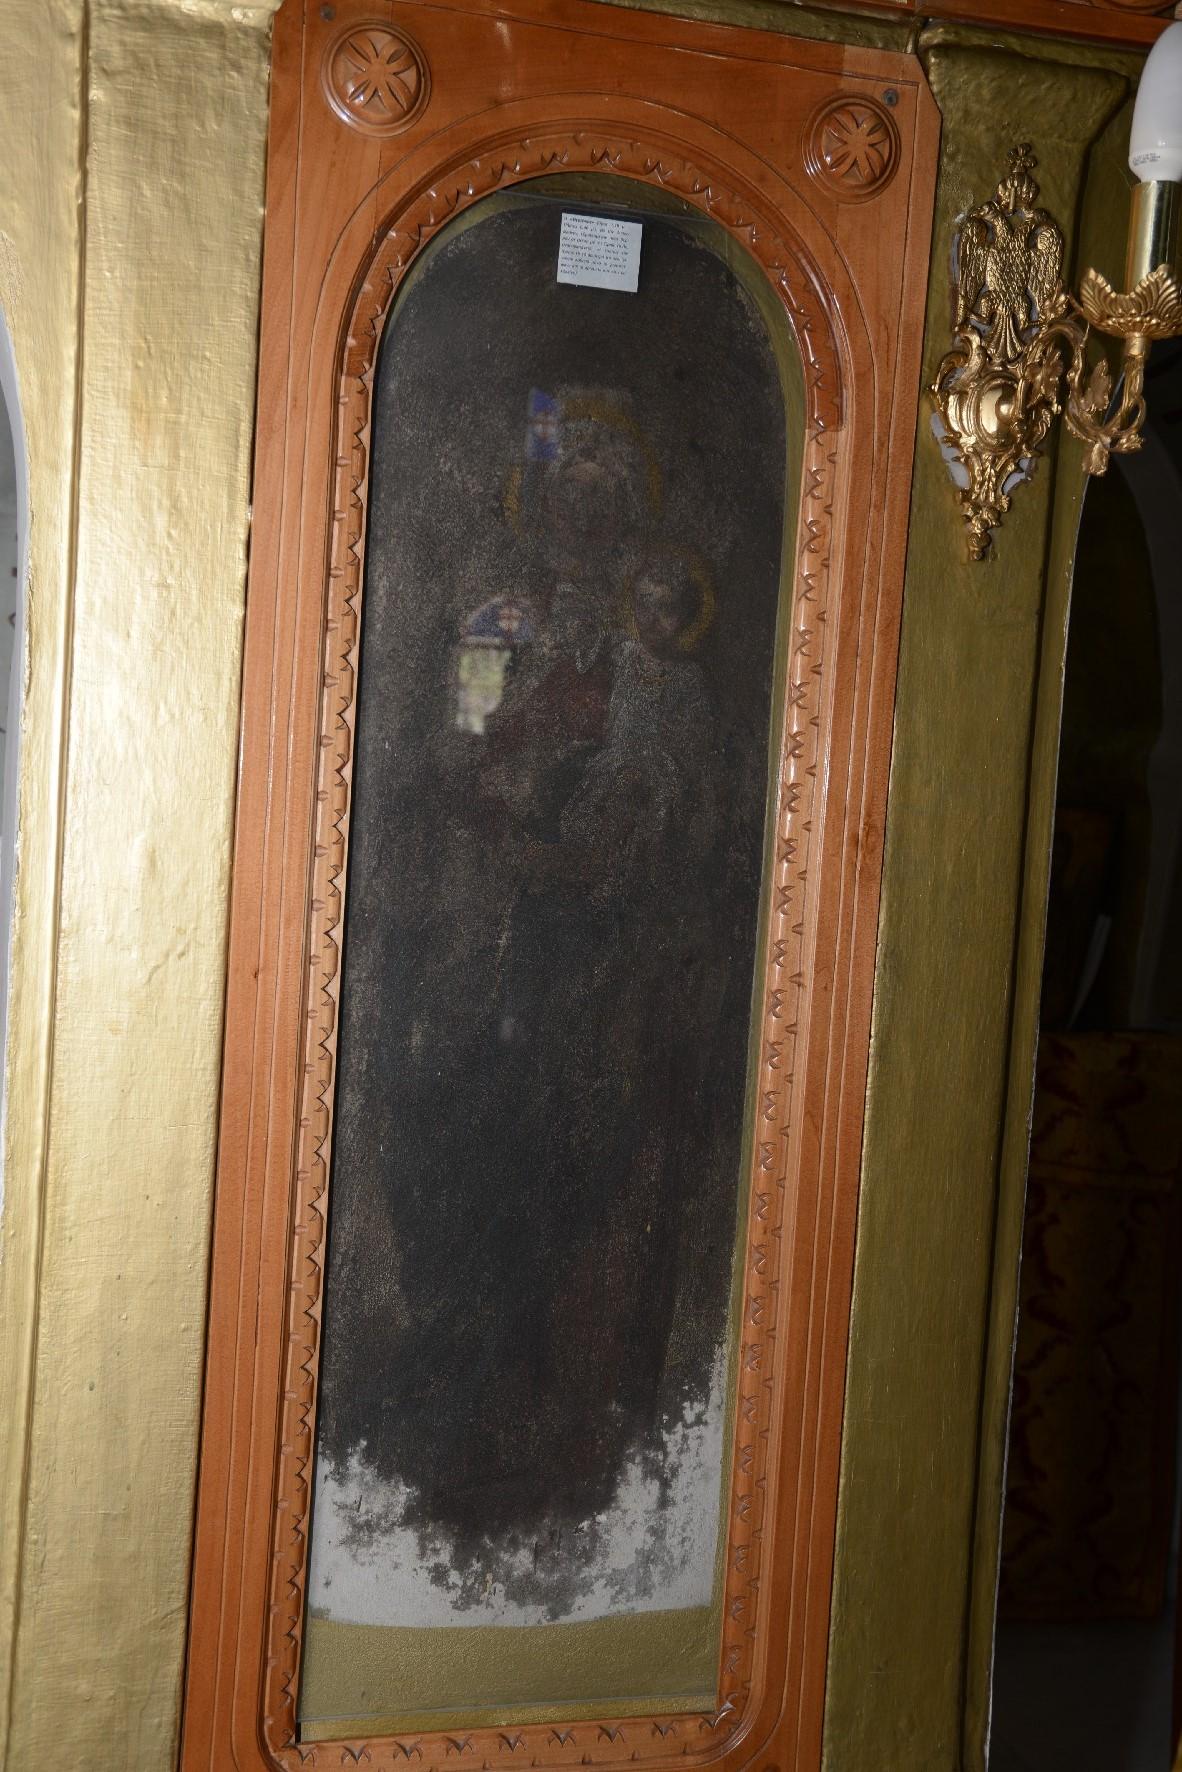 Τοιχογραφίες στον Ιερό Ναό Αγίου Γεωργίου